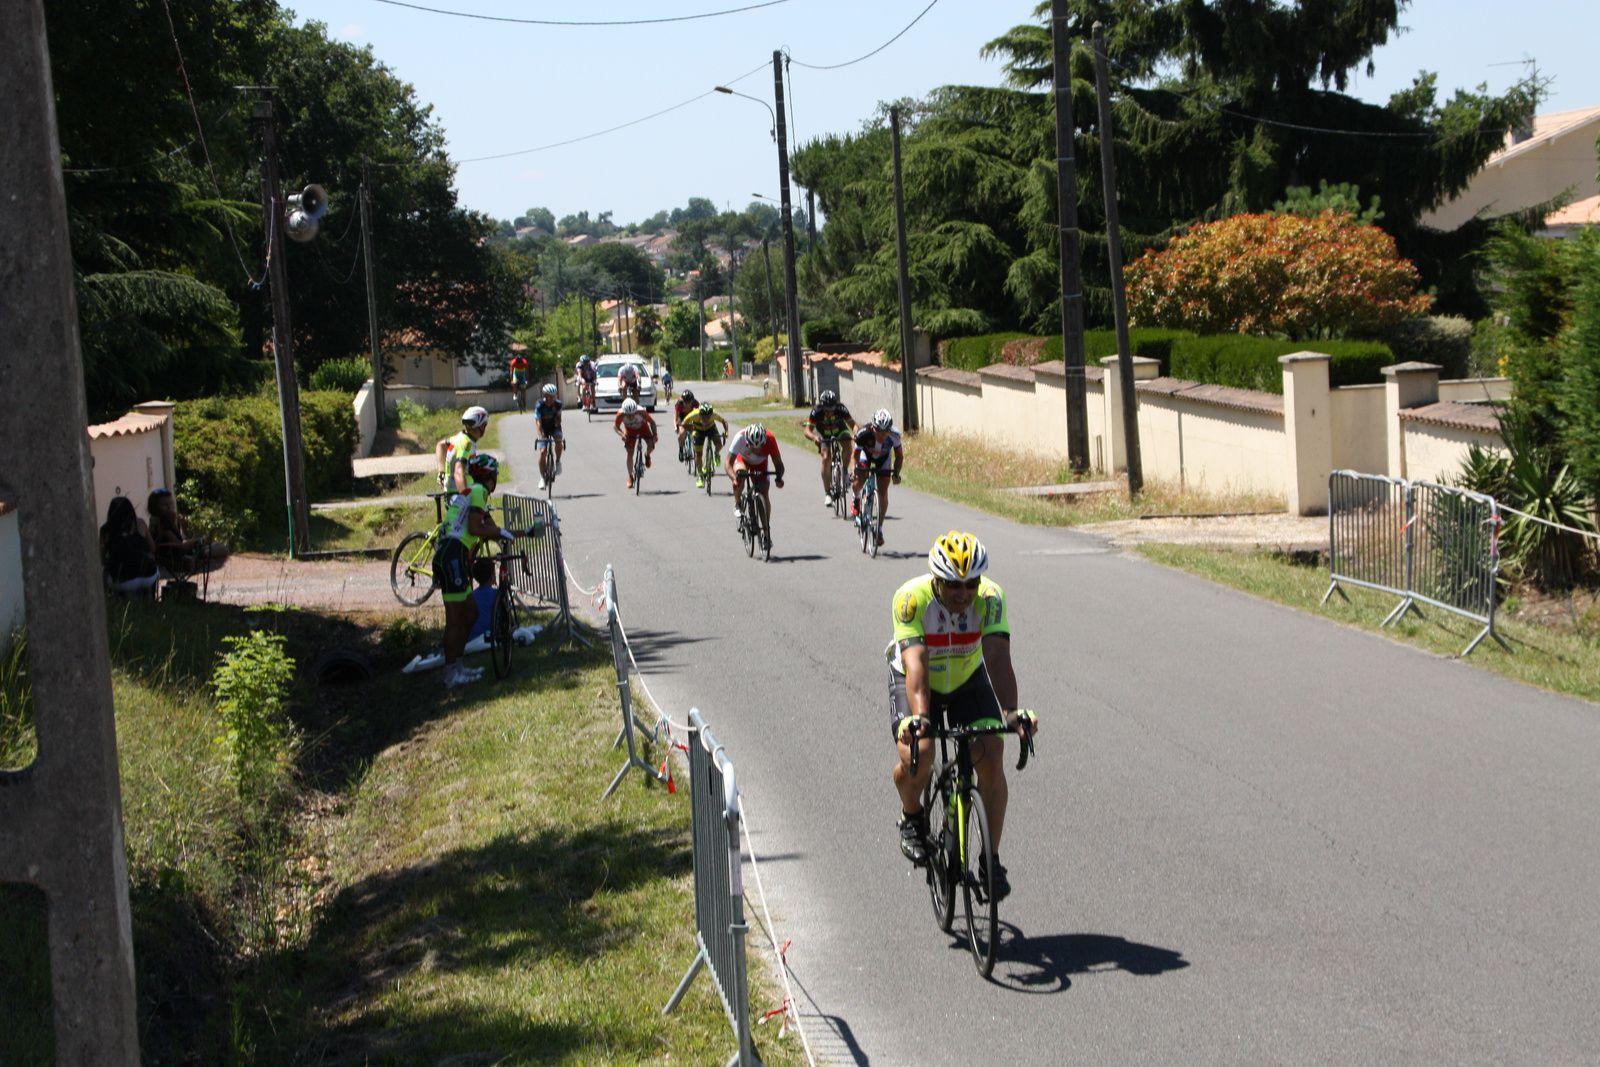 11e  Jean-Pierre  PAILLARD(EC 3M), 12e  Christian  LABROUSSE(R  Guataise), 13e  Hervé  BREQUE(AC  Nieul les Saintes), 14e  Christian  GAUTHIER(AL  Gond-Pontouvre), 15e  Sébastien  LAURIERE(P  Jonzac), 16e  Alain  ROUSSEAU(VC  Le Gua), 17e  Mariette  FLOCARD(Mérignac  VC), 18e  Emmanuel  MERCIER(R  Guataise), 19e  Jean-Luc  CONSTANT(AC 4B), 20e  Thierry  PUYASTIER(SA  Mussidan)